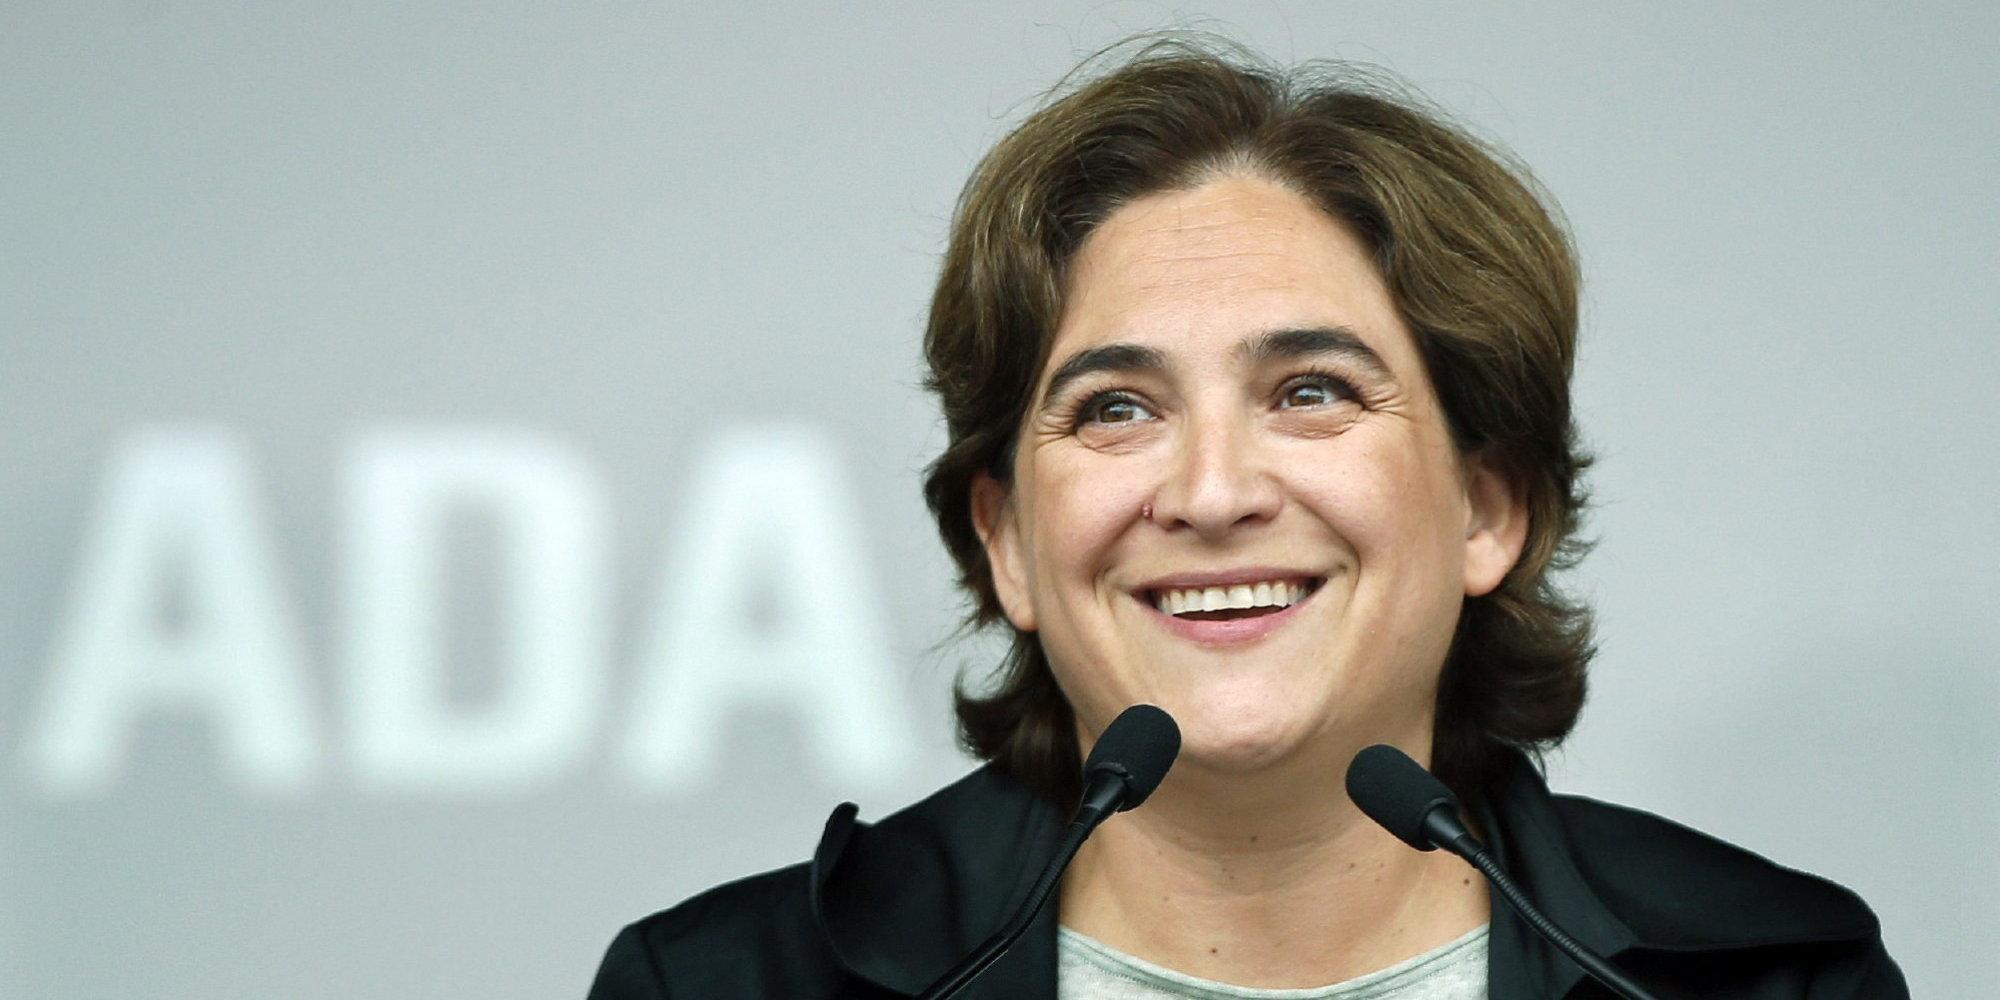 Ada Colau En Porno los rÁbanos por las hojas: ada colau, una alcaldesa sin